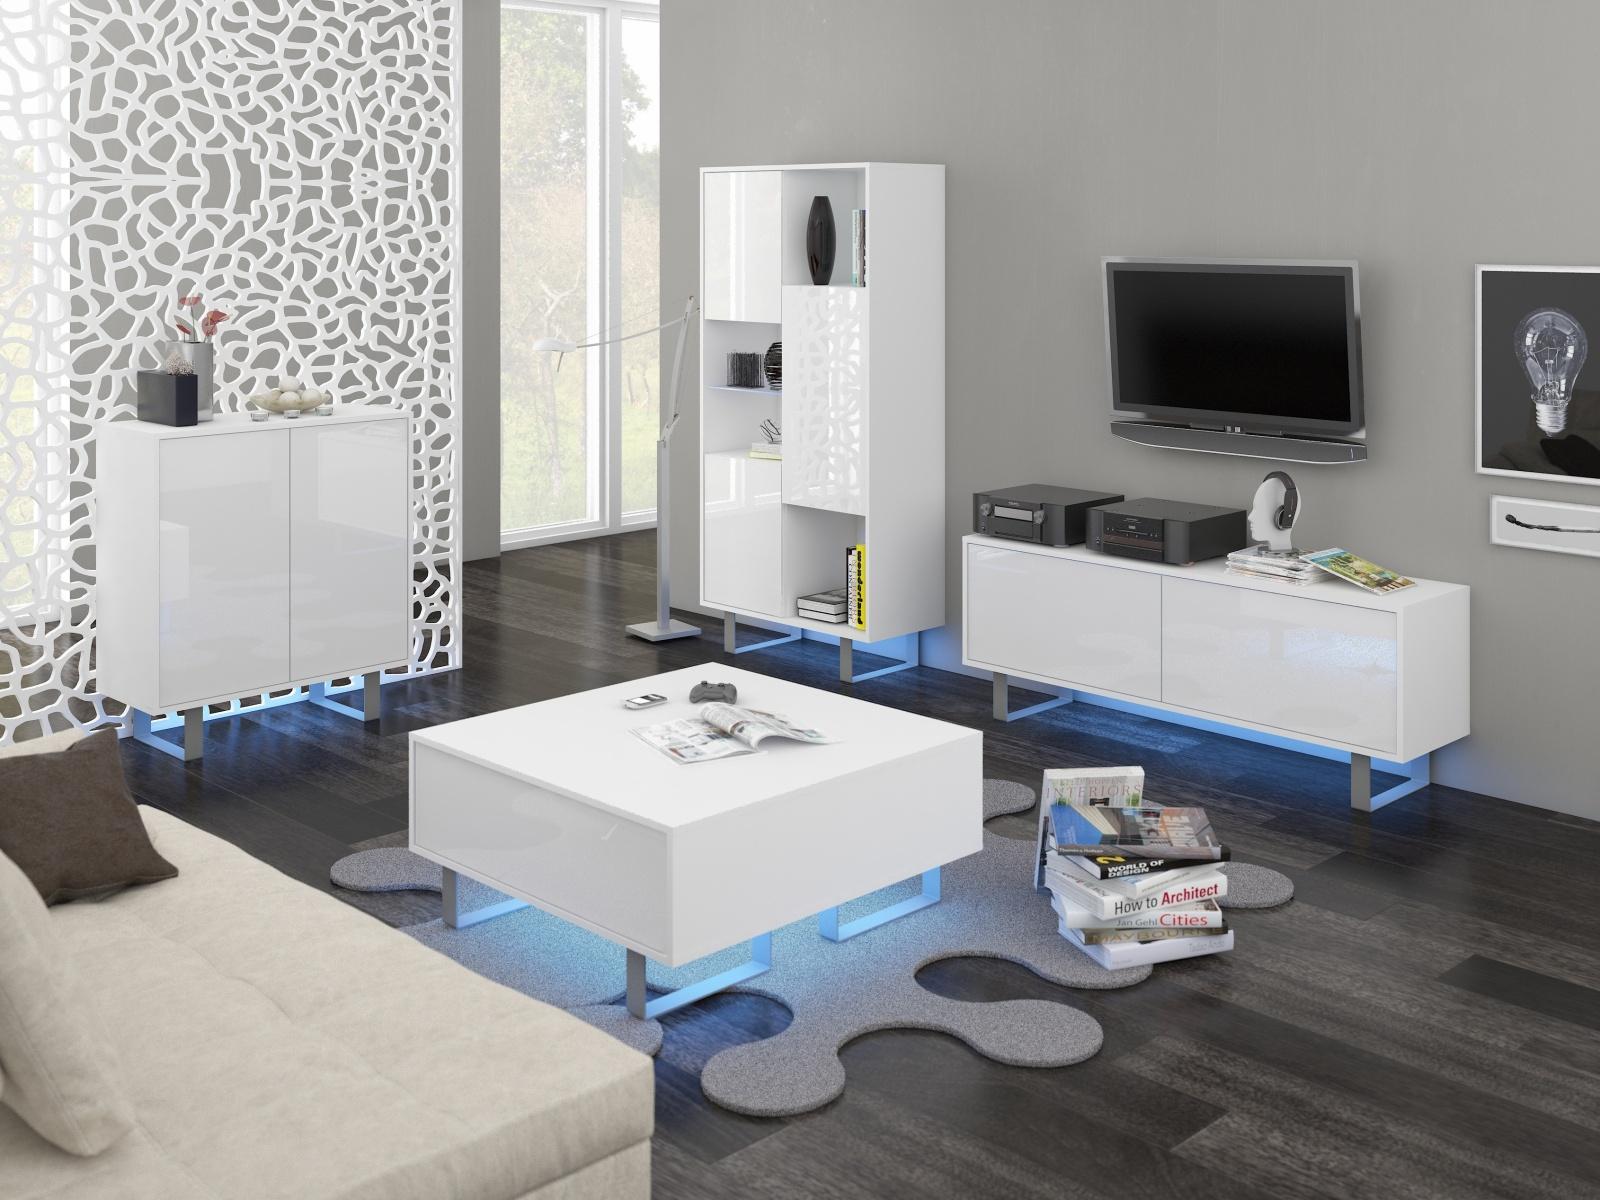 MORAVIA FLAT KING obývací pokoj - sestava 1, bílá/bílý lesk